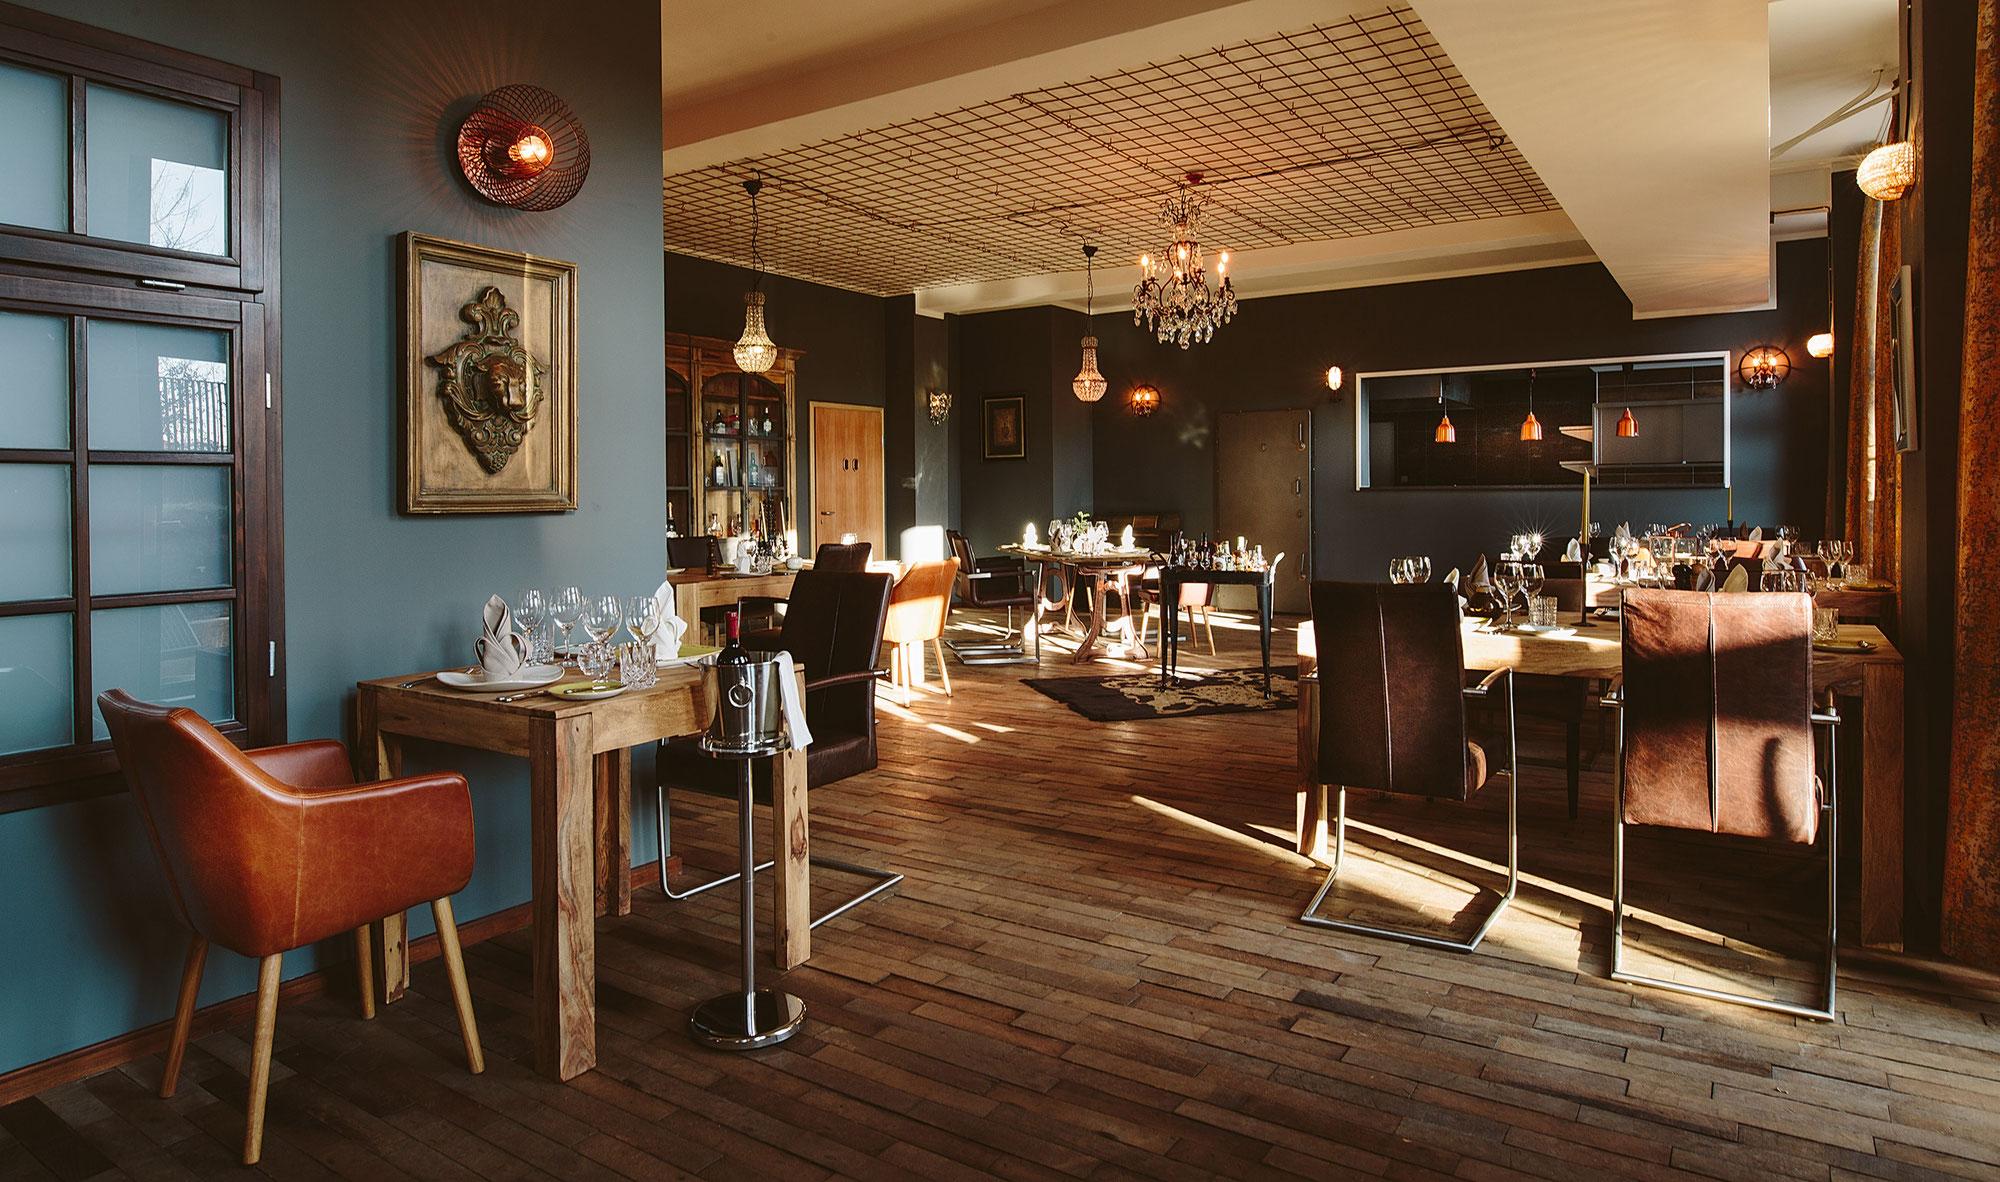 auszug aus der speise getr nkekarte hugos steakhaus das besondere restaurant in dessau ro lau. Black Bedroom Furniture Sets. Home Design Ideas